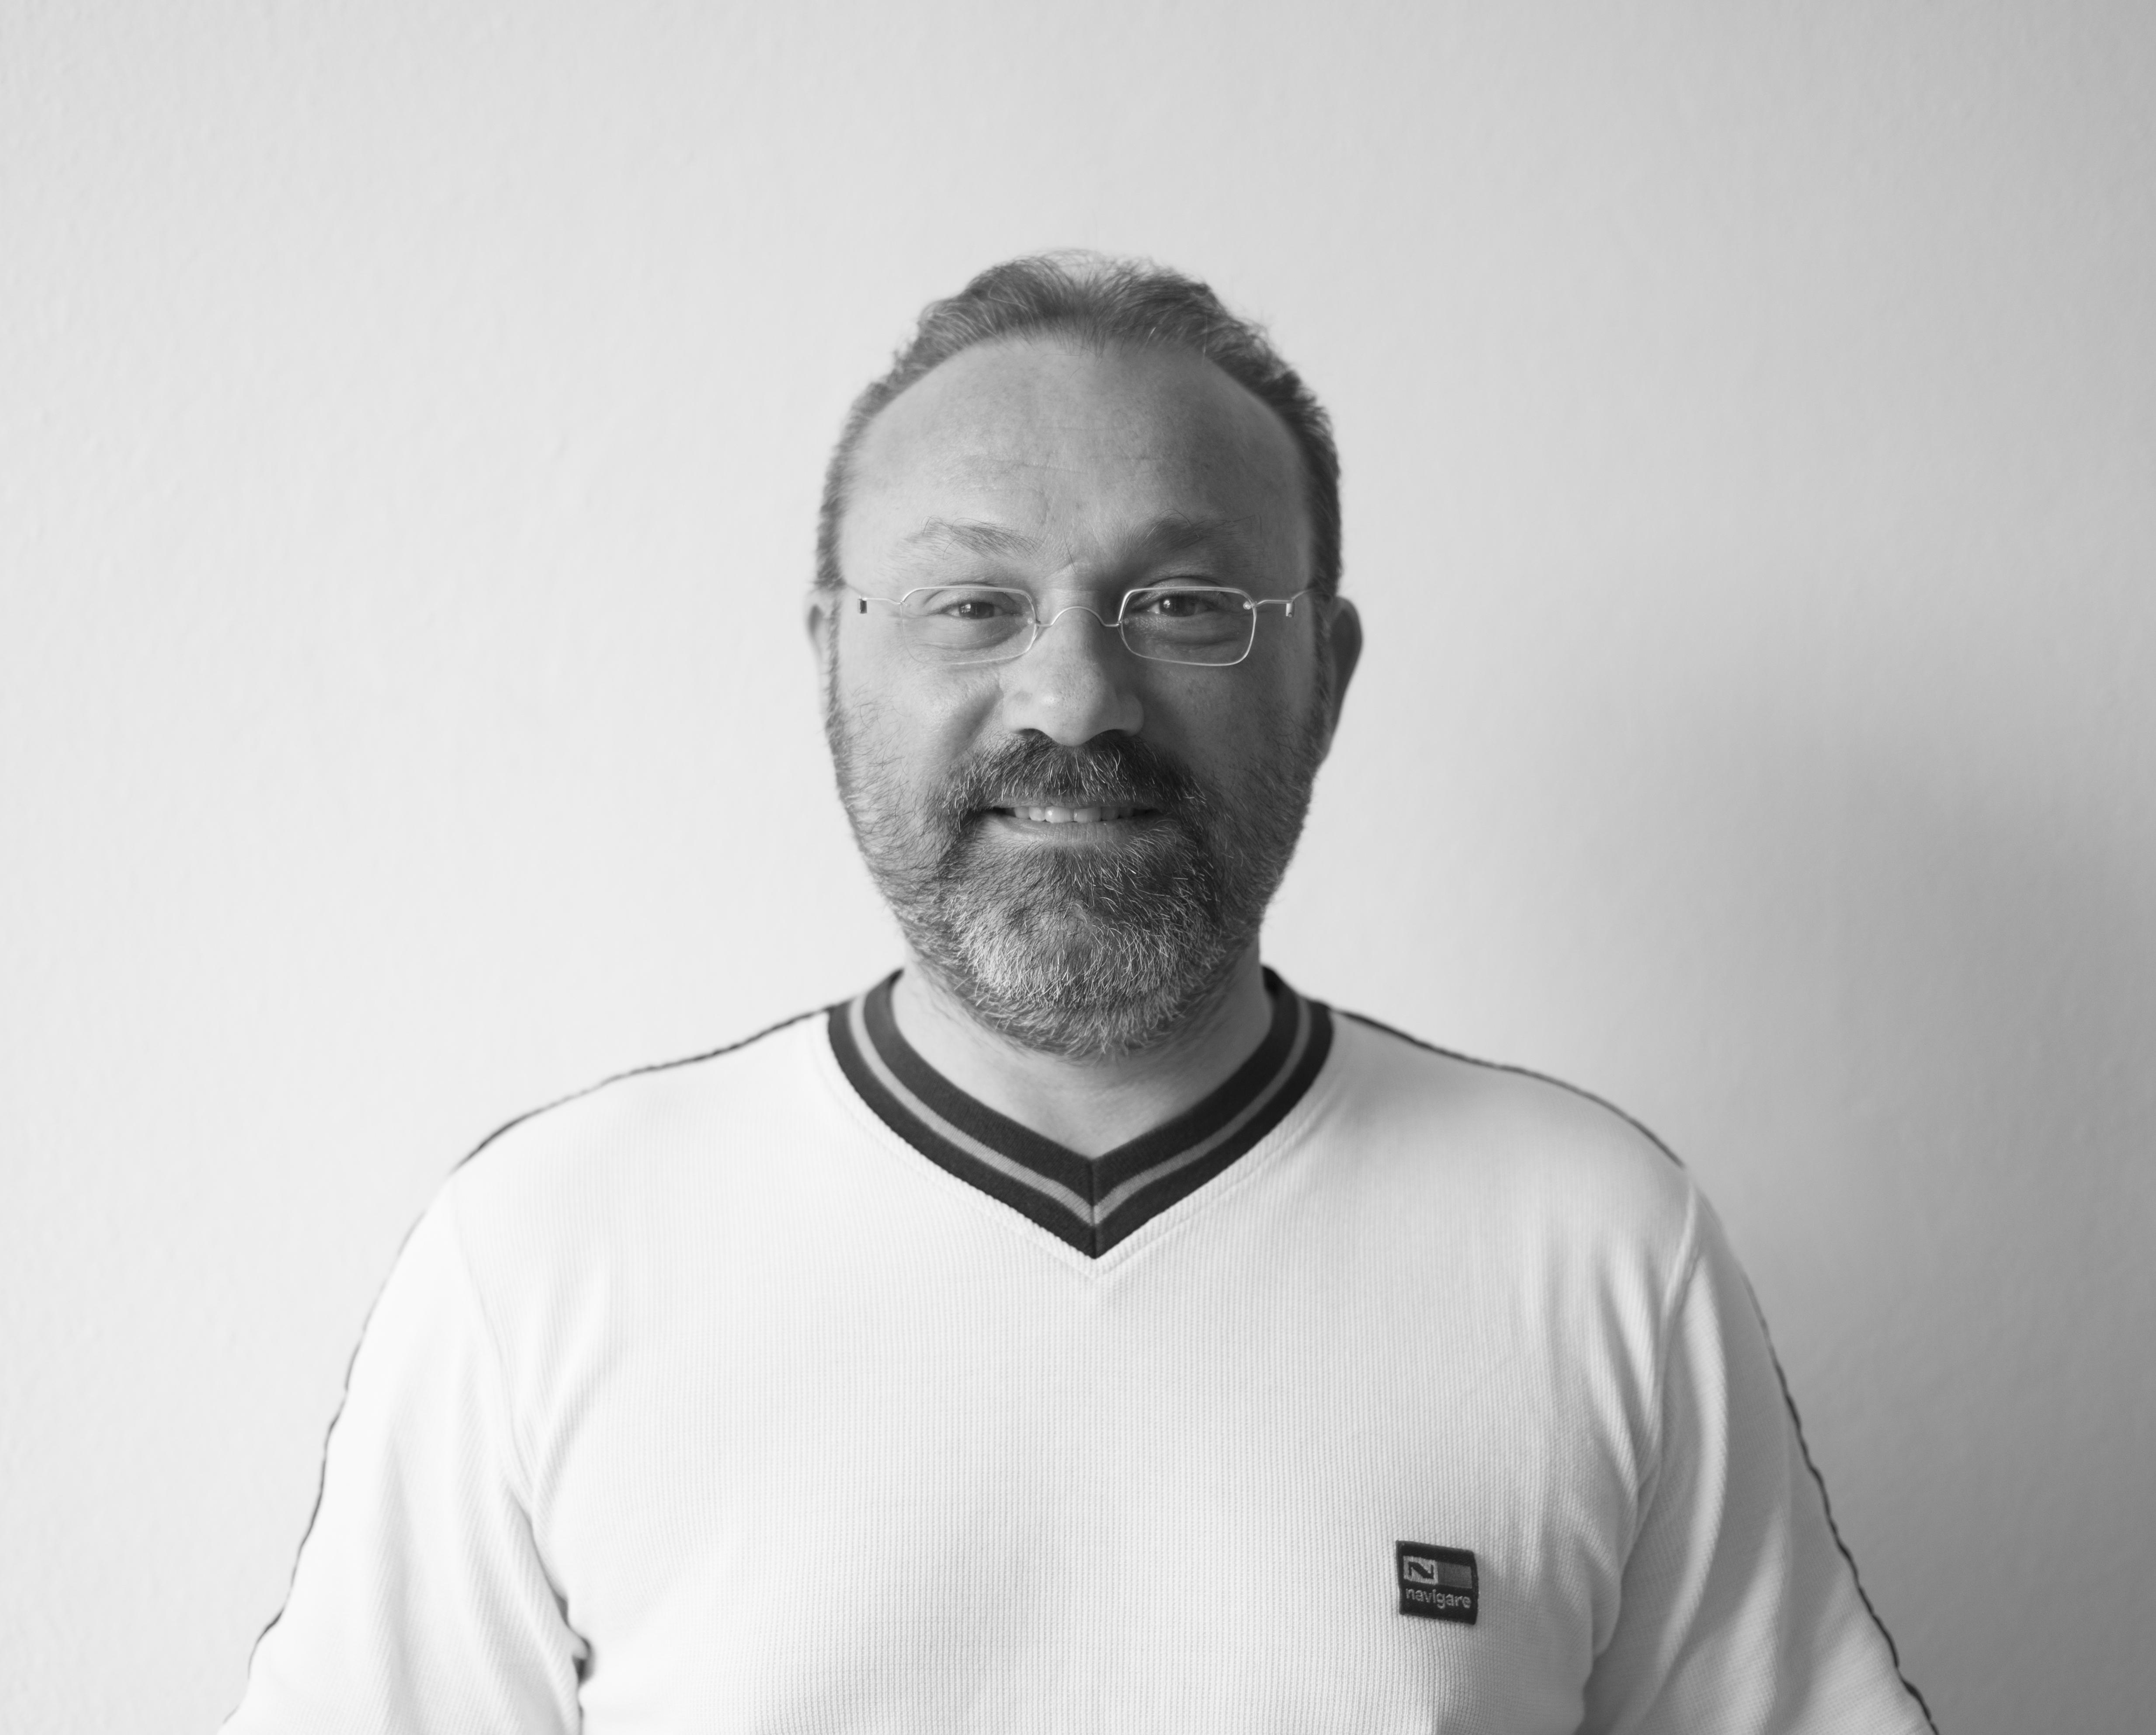 Antonio Pascucci